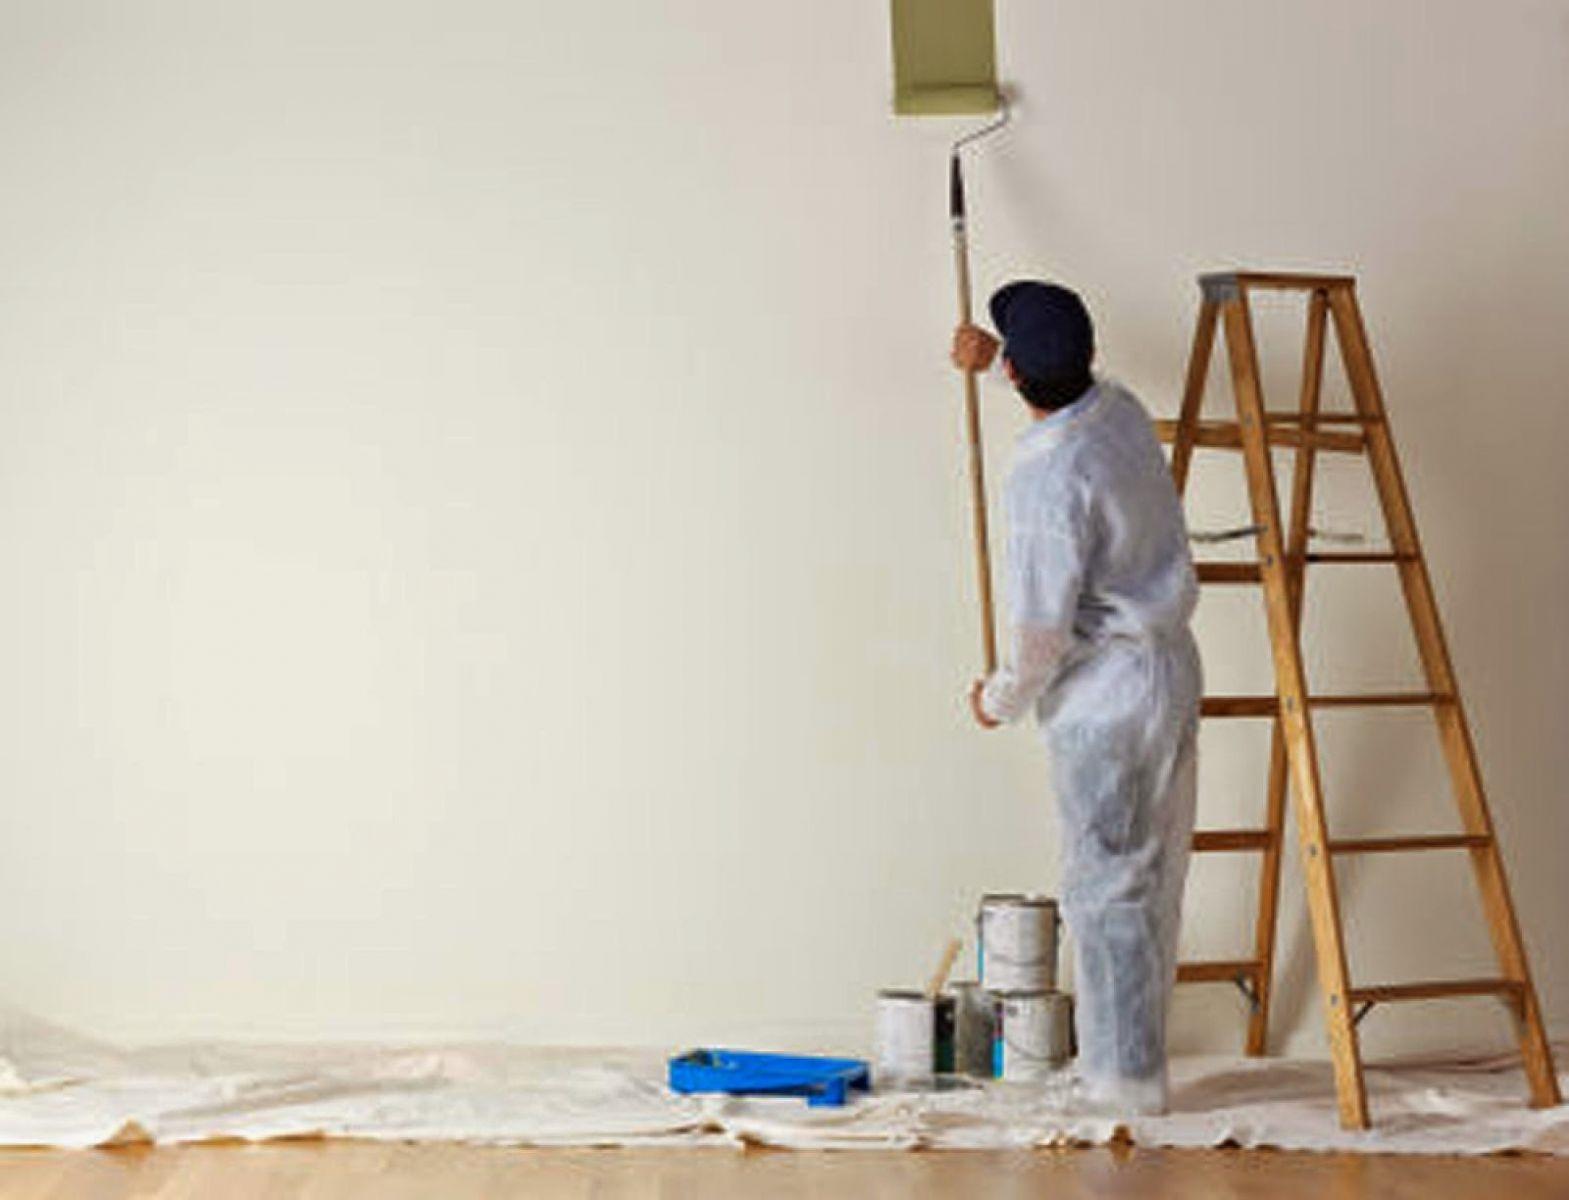 Quy trình sơn nhà và bảo quản